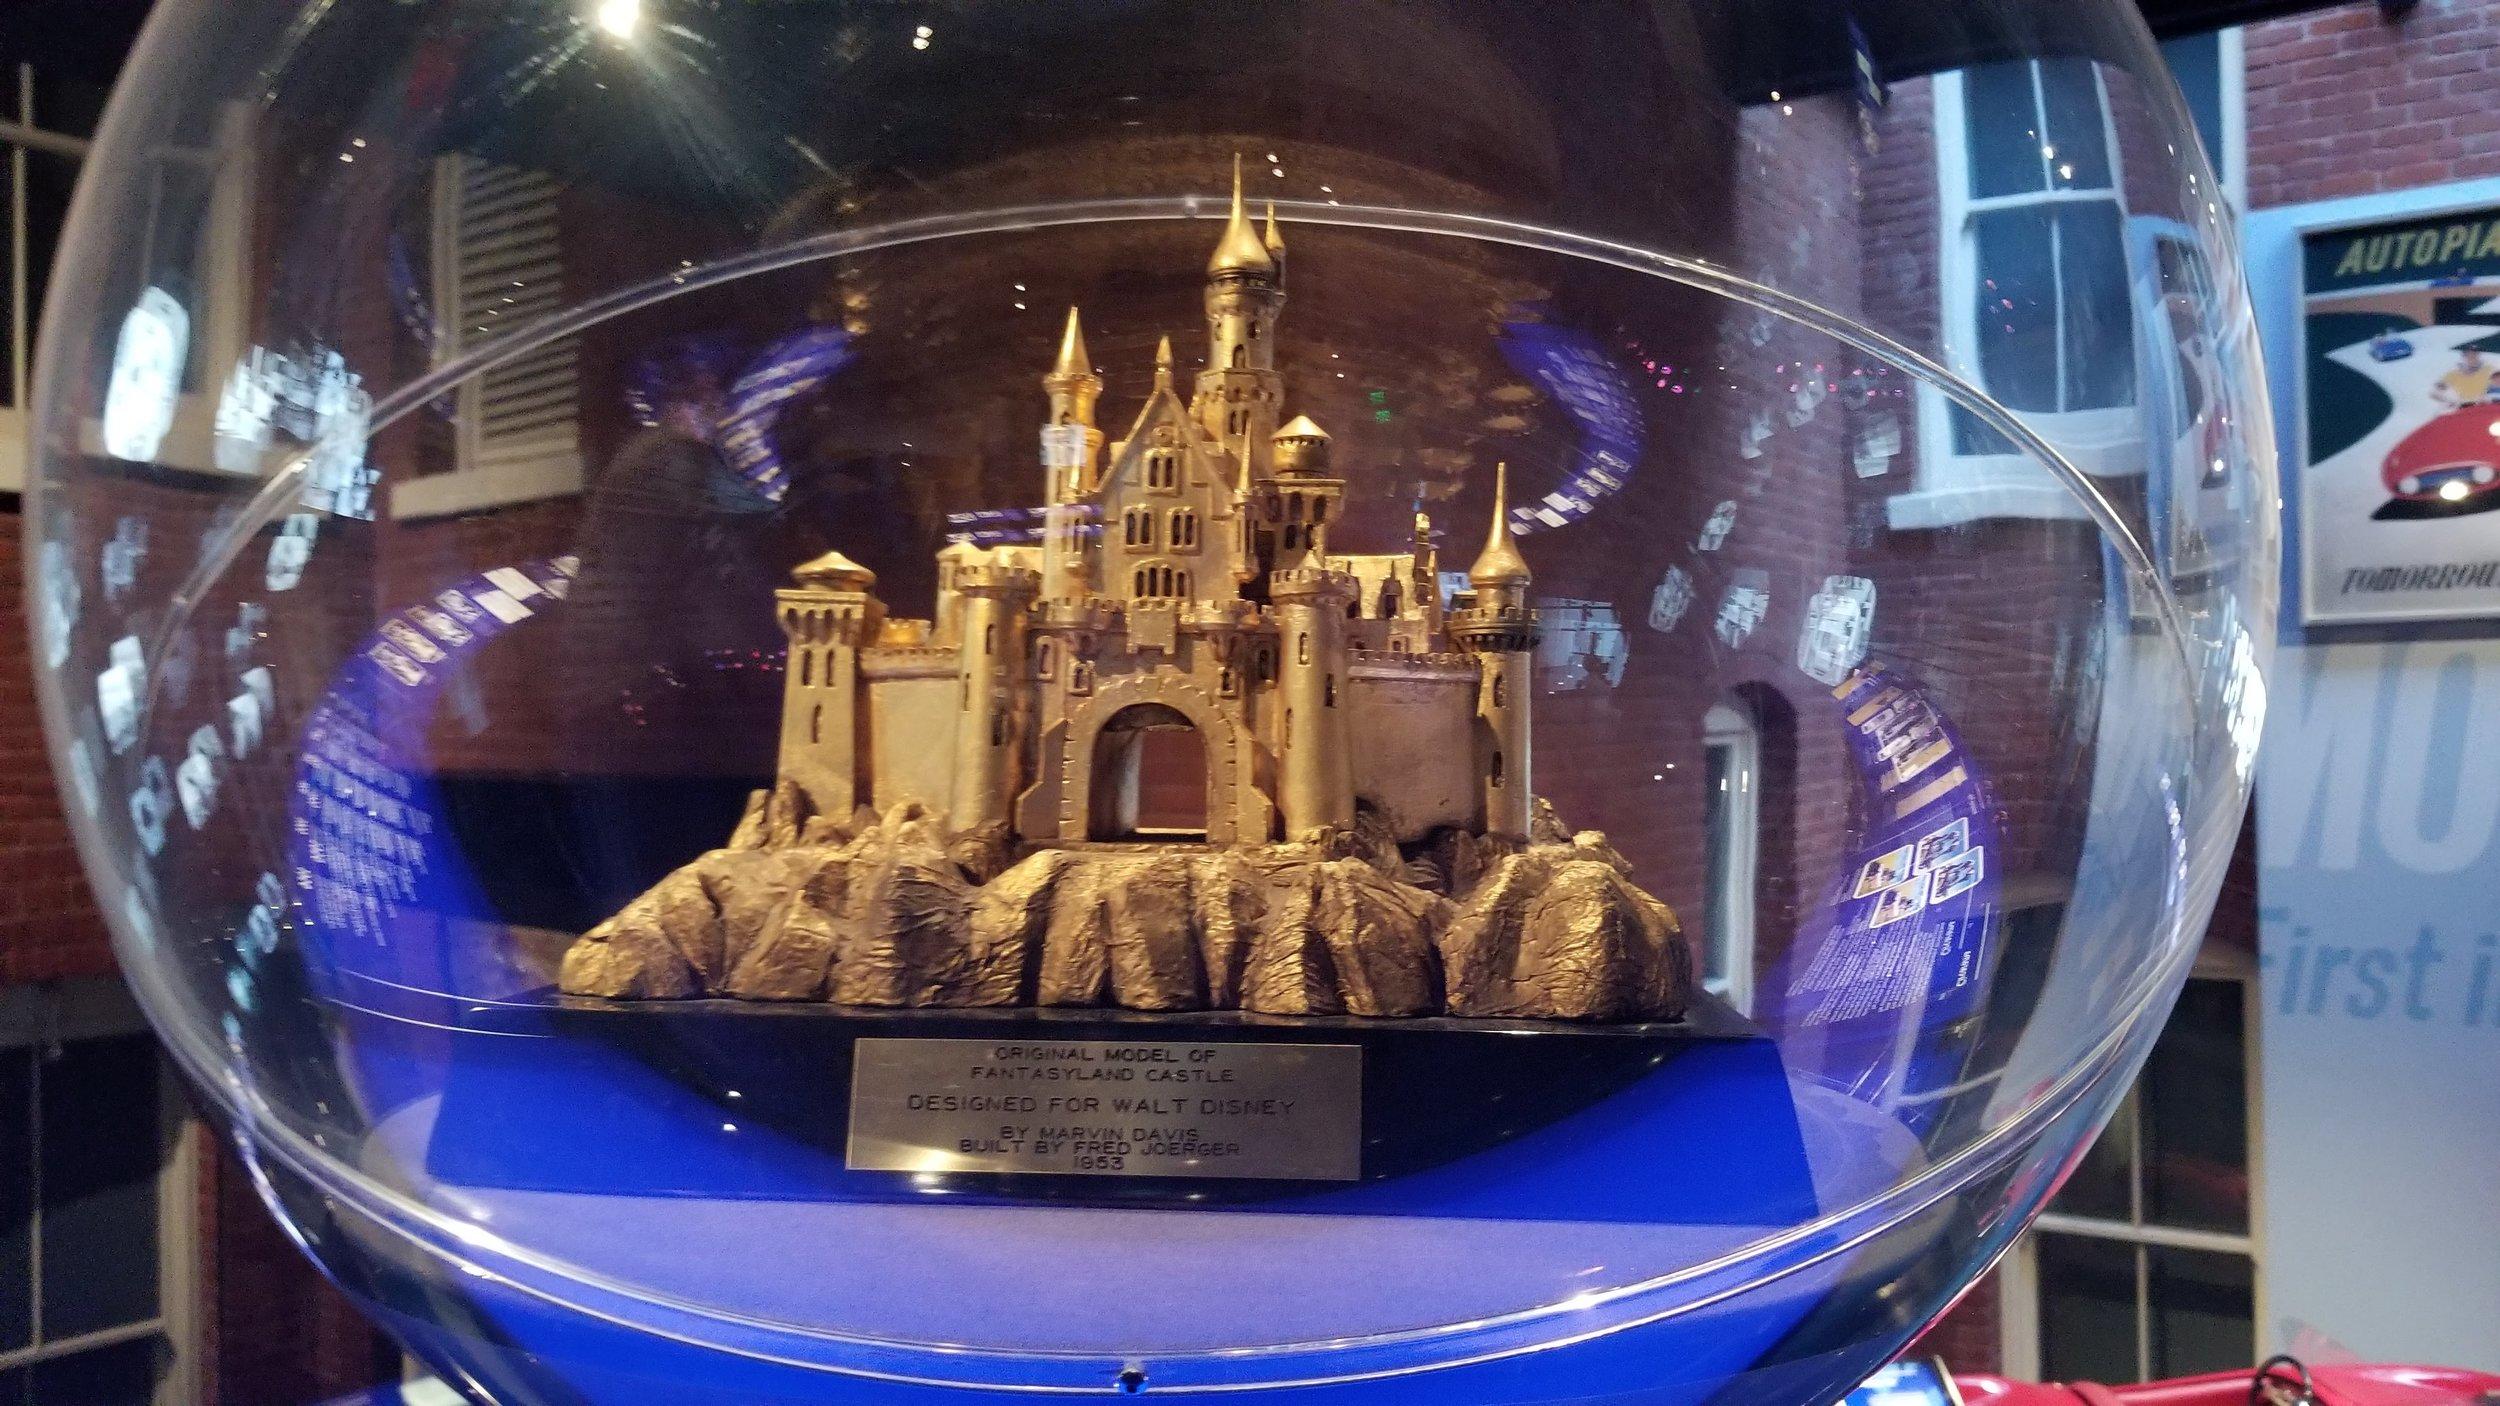 The original model of Fantasyland Castle, by Marvid Davis, built by Fred Joerger, 1953.